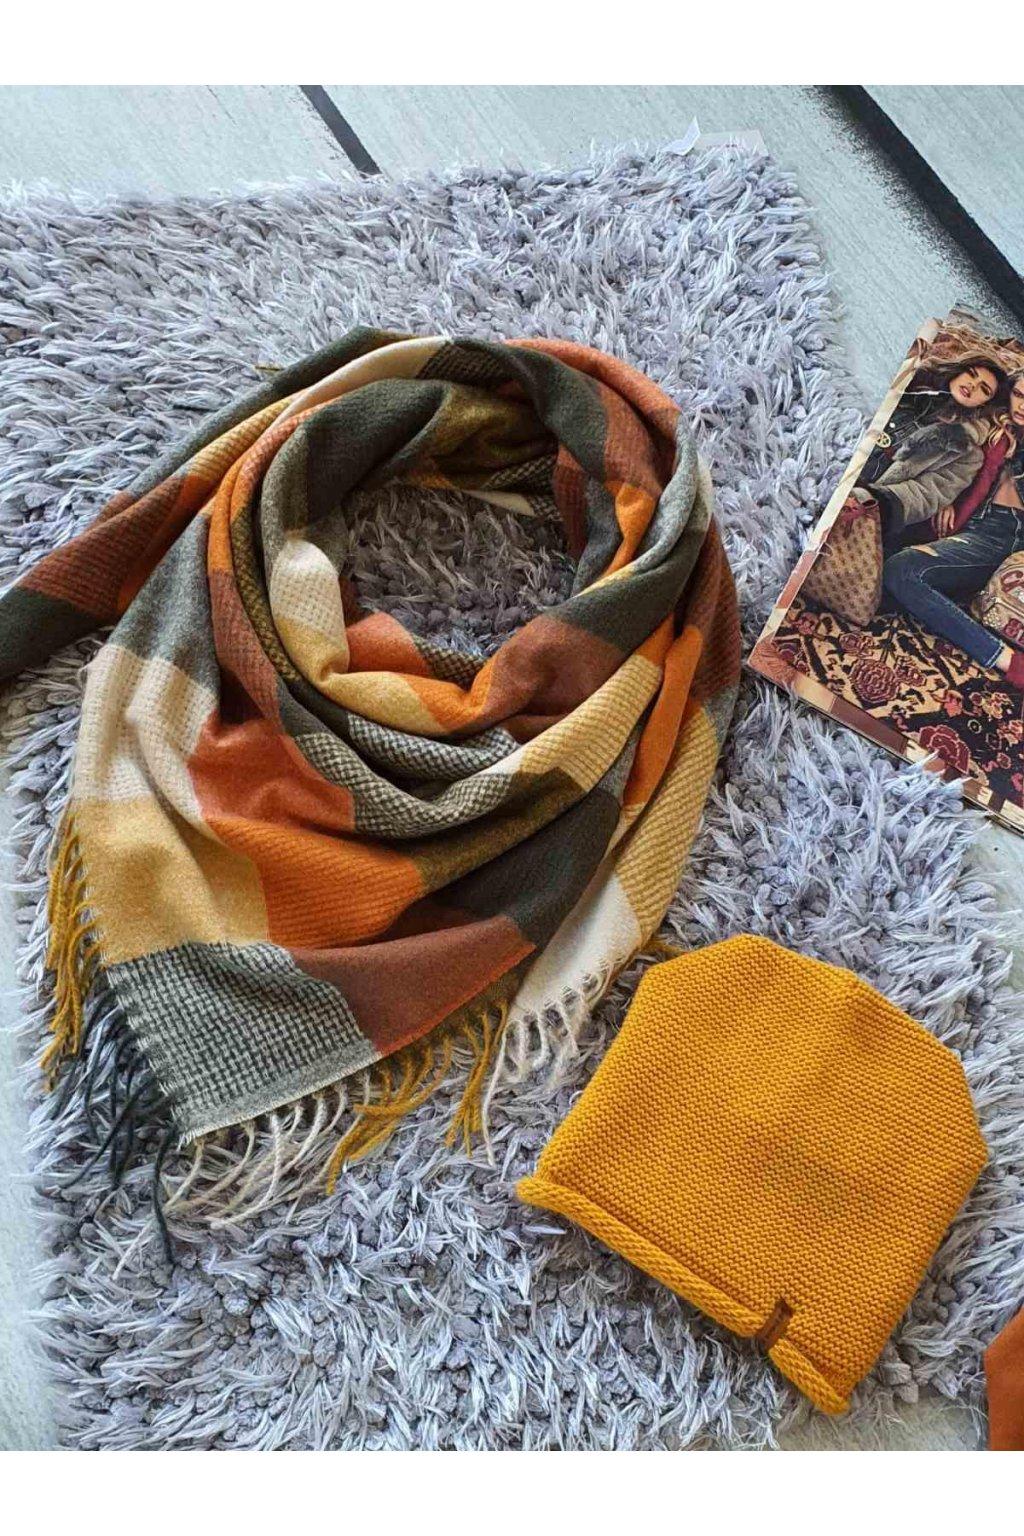 sladěný set kabelky a šátku v hořčicové a koňak barvě tip na dárek vánoce